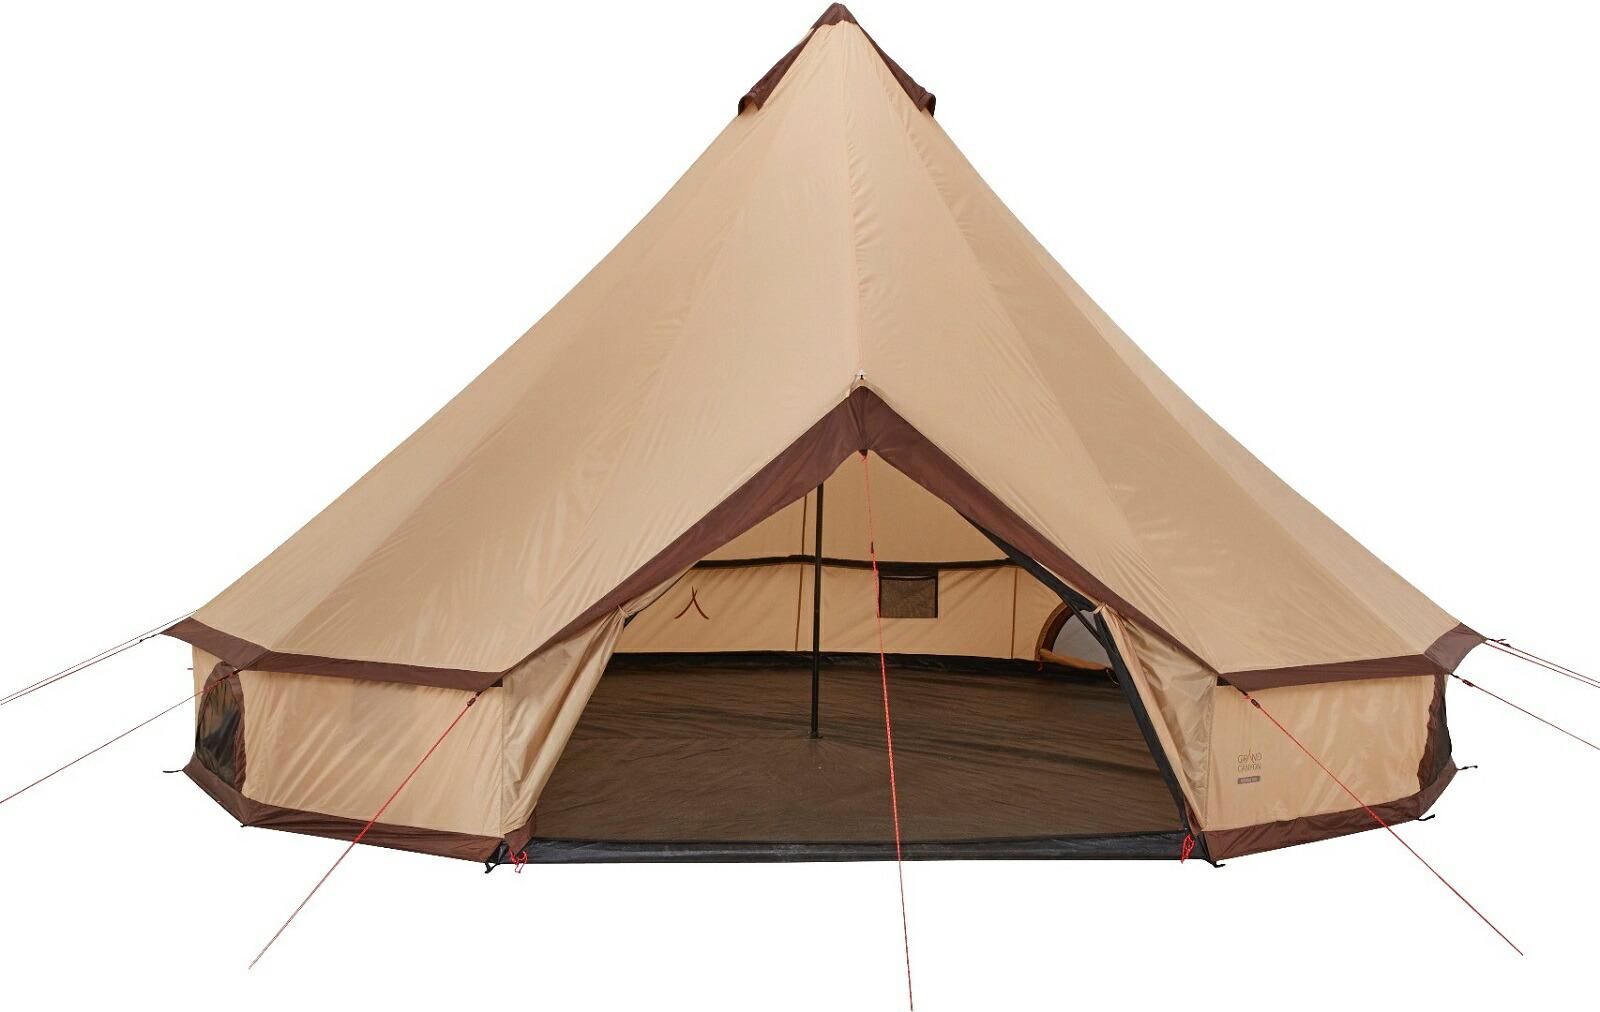 【正規代理店】【新ロゴ製品】 indiana-500 602020 床と一体化のテント 10人用 GRAND CANYON アウトドア キャンプ グランドキャニオン ベージュトレッキング ハイキング キャンピング 簡単な設営 広々としたスペース ノルディスク NORDISK